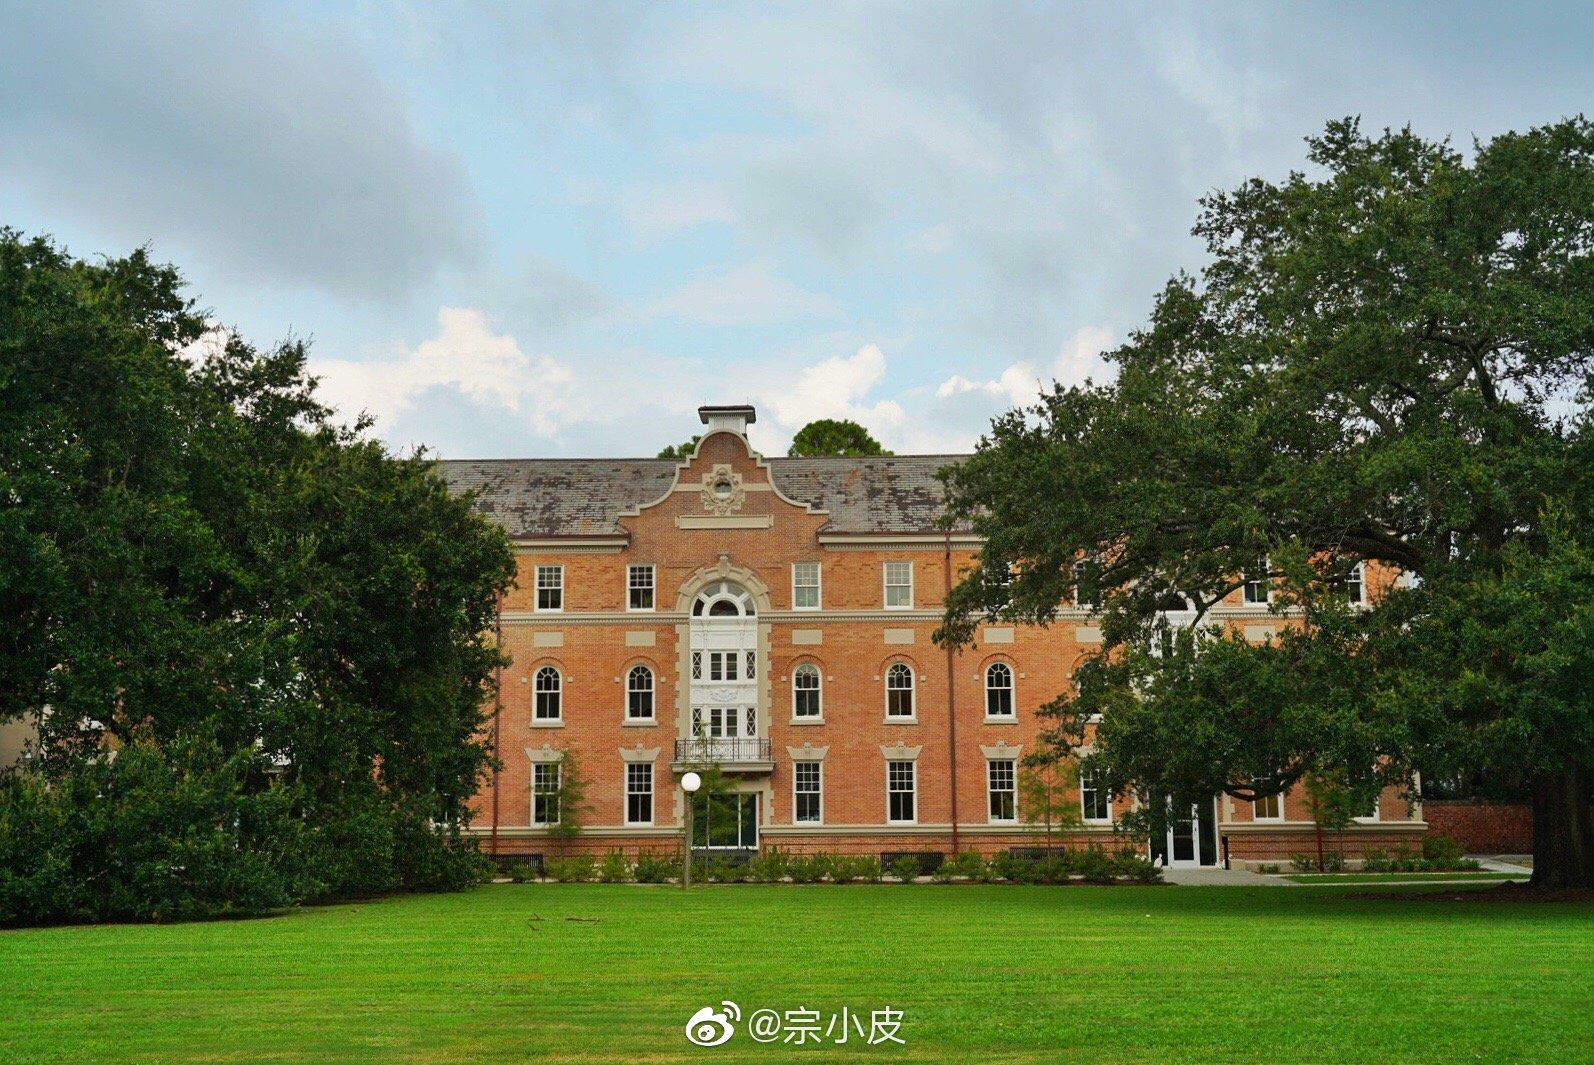 新奥尔良杜兰大学以及对面的公园,到处都是大草坪和大橡树